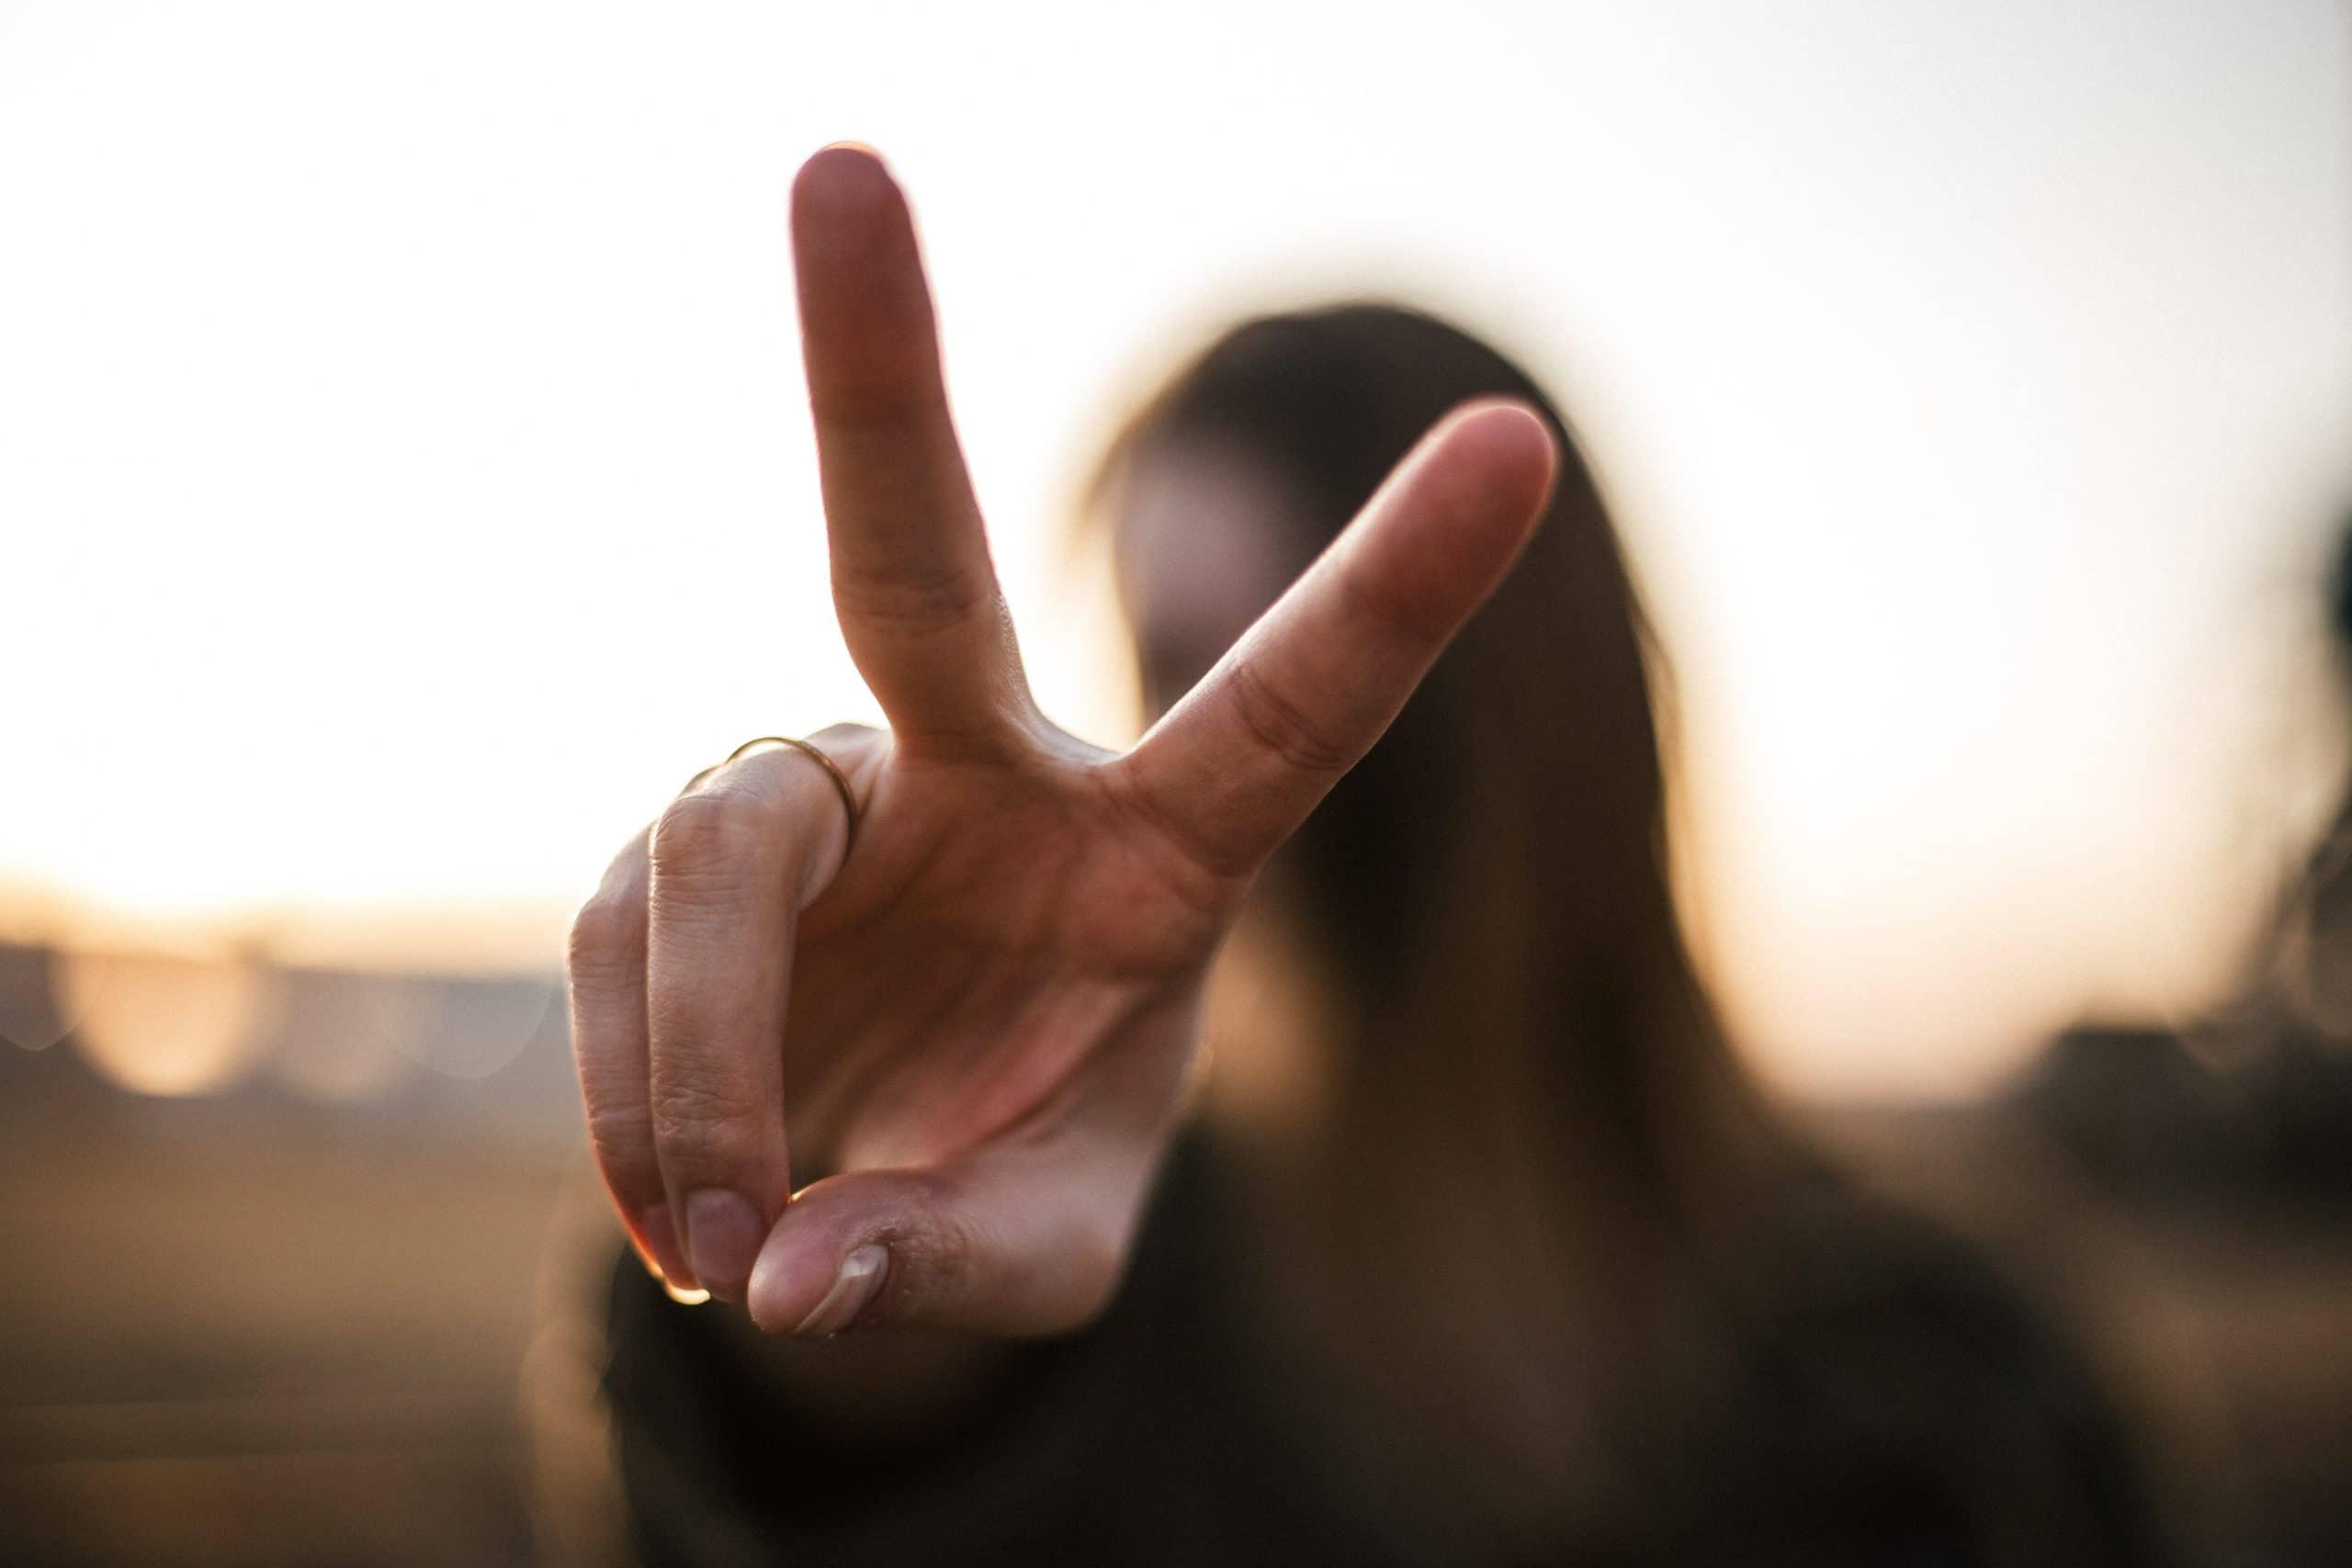 Moça fazendo o símbolo de paz e amor com as mãos.